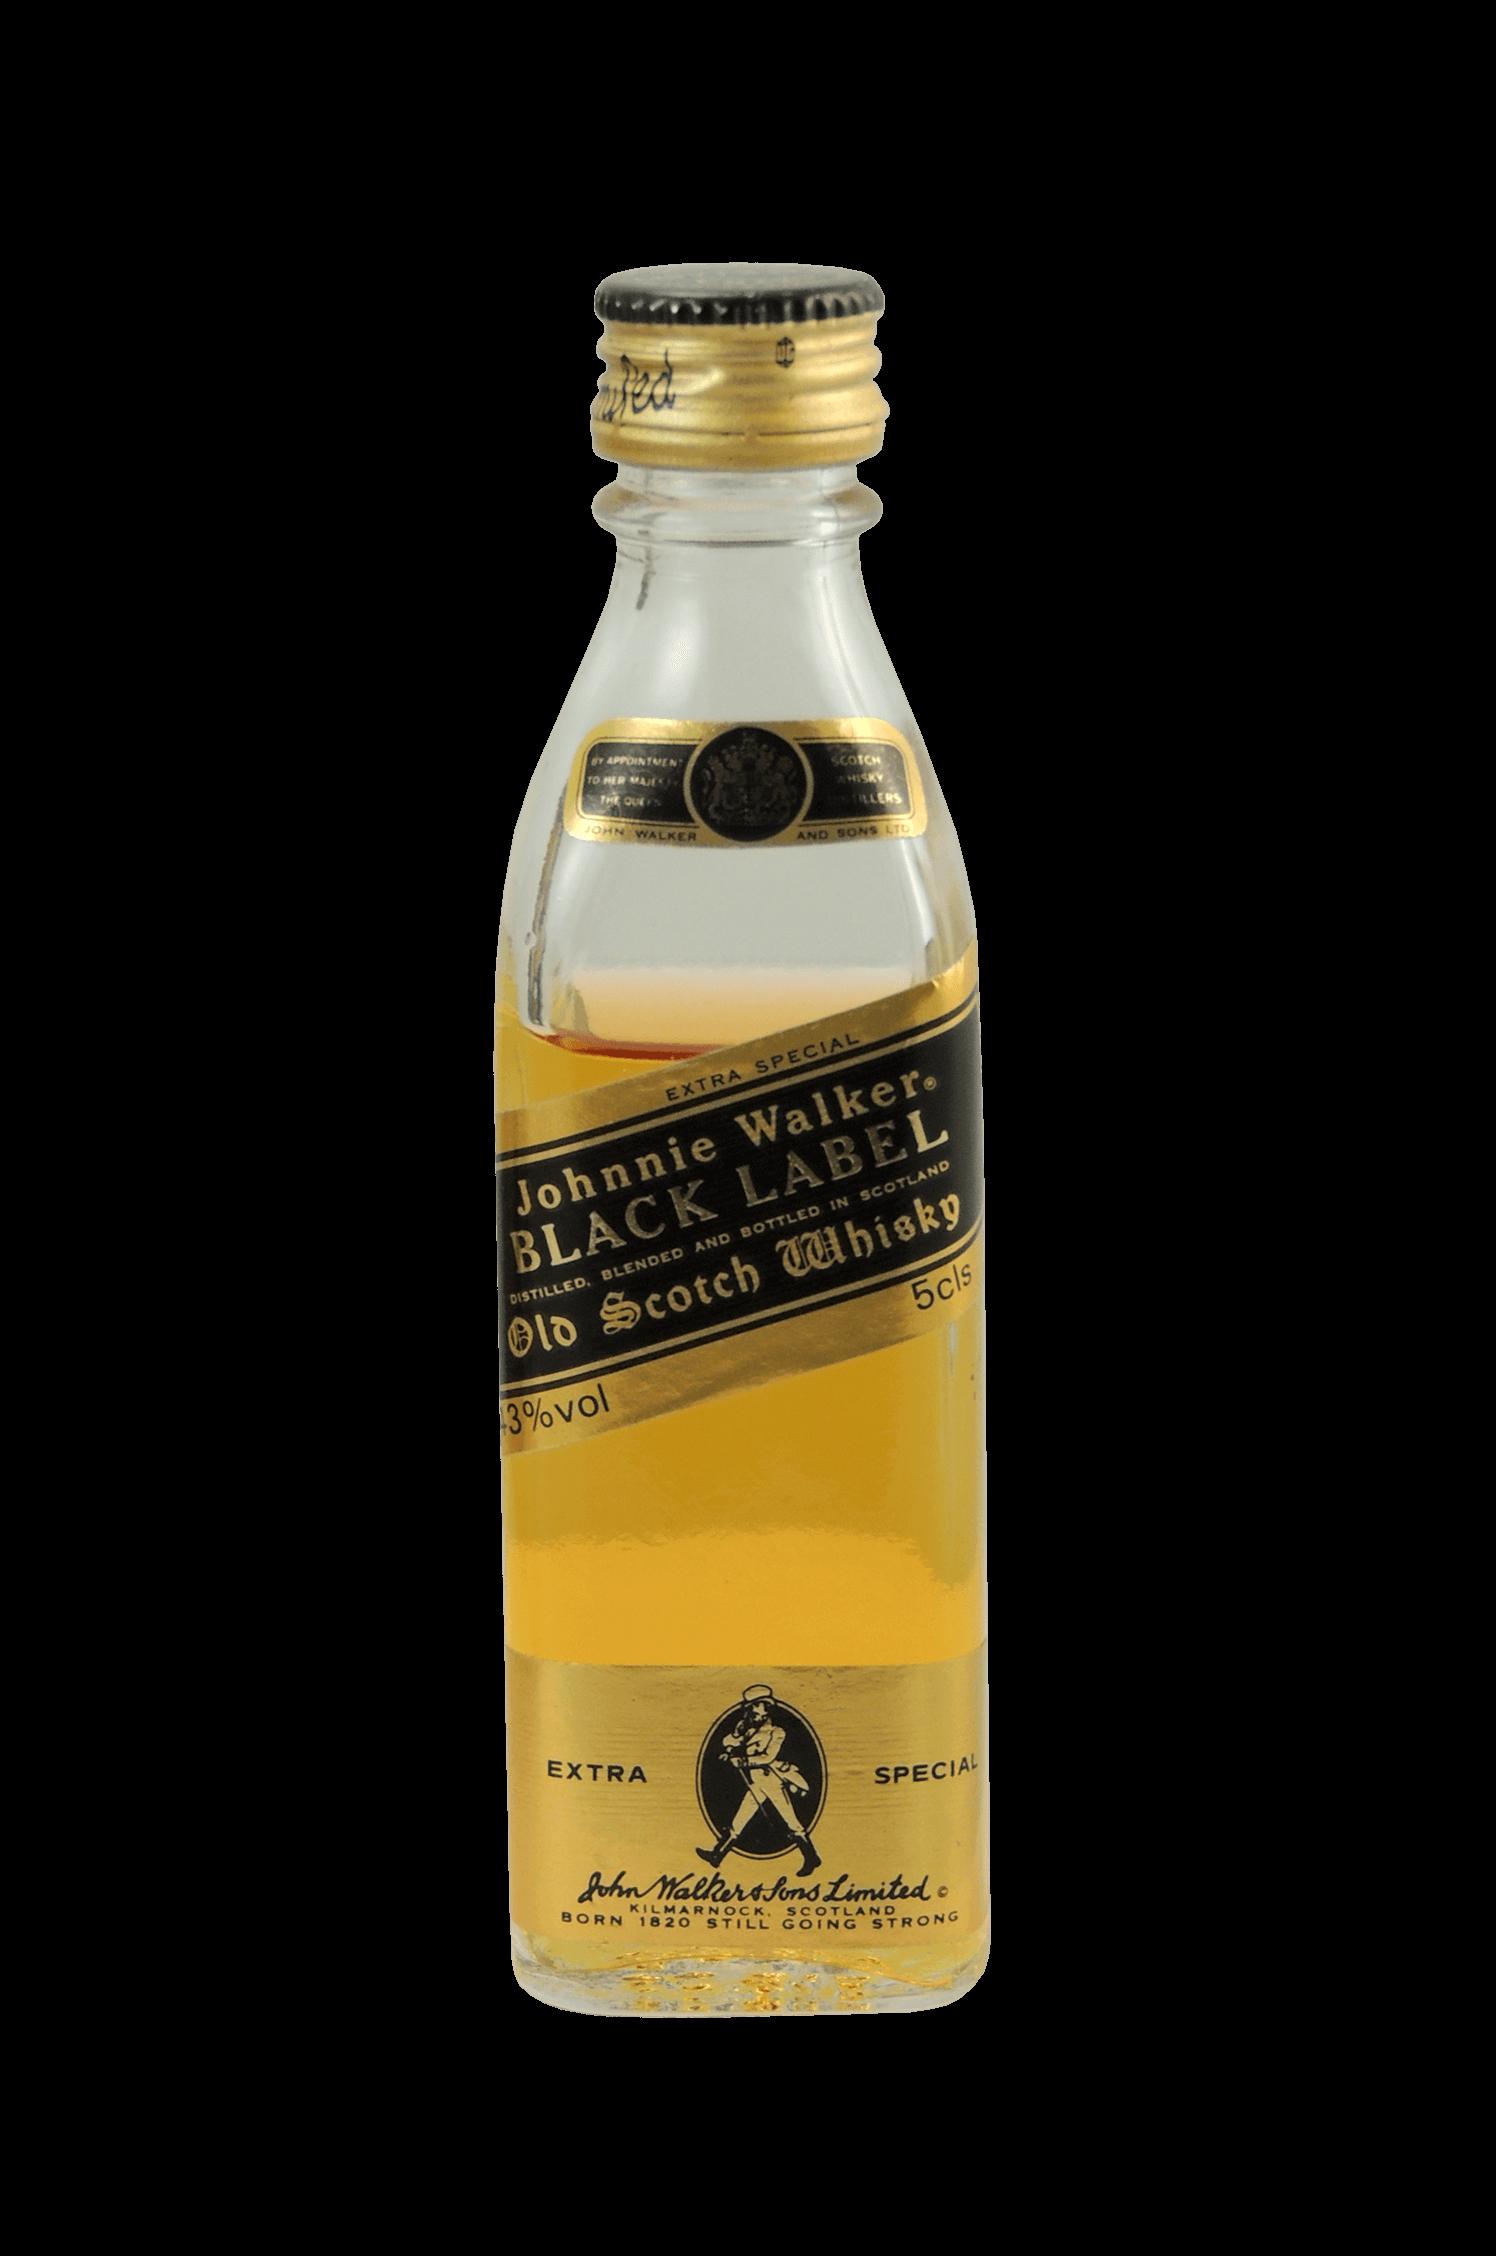 Black Label Old Scotch Whisky